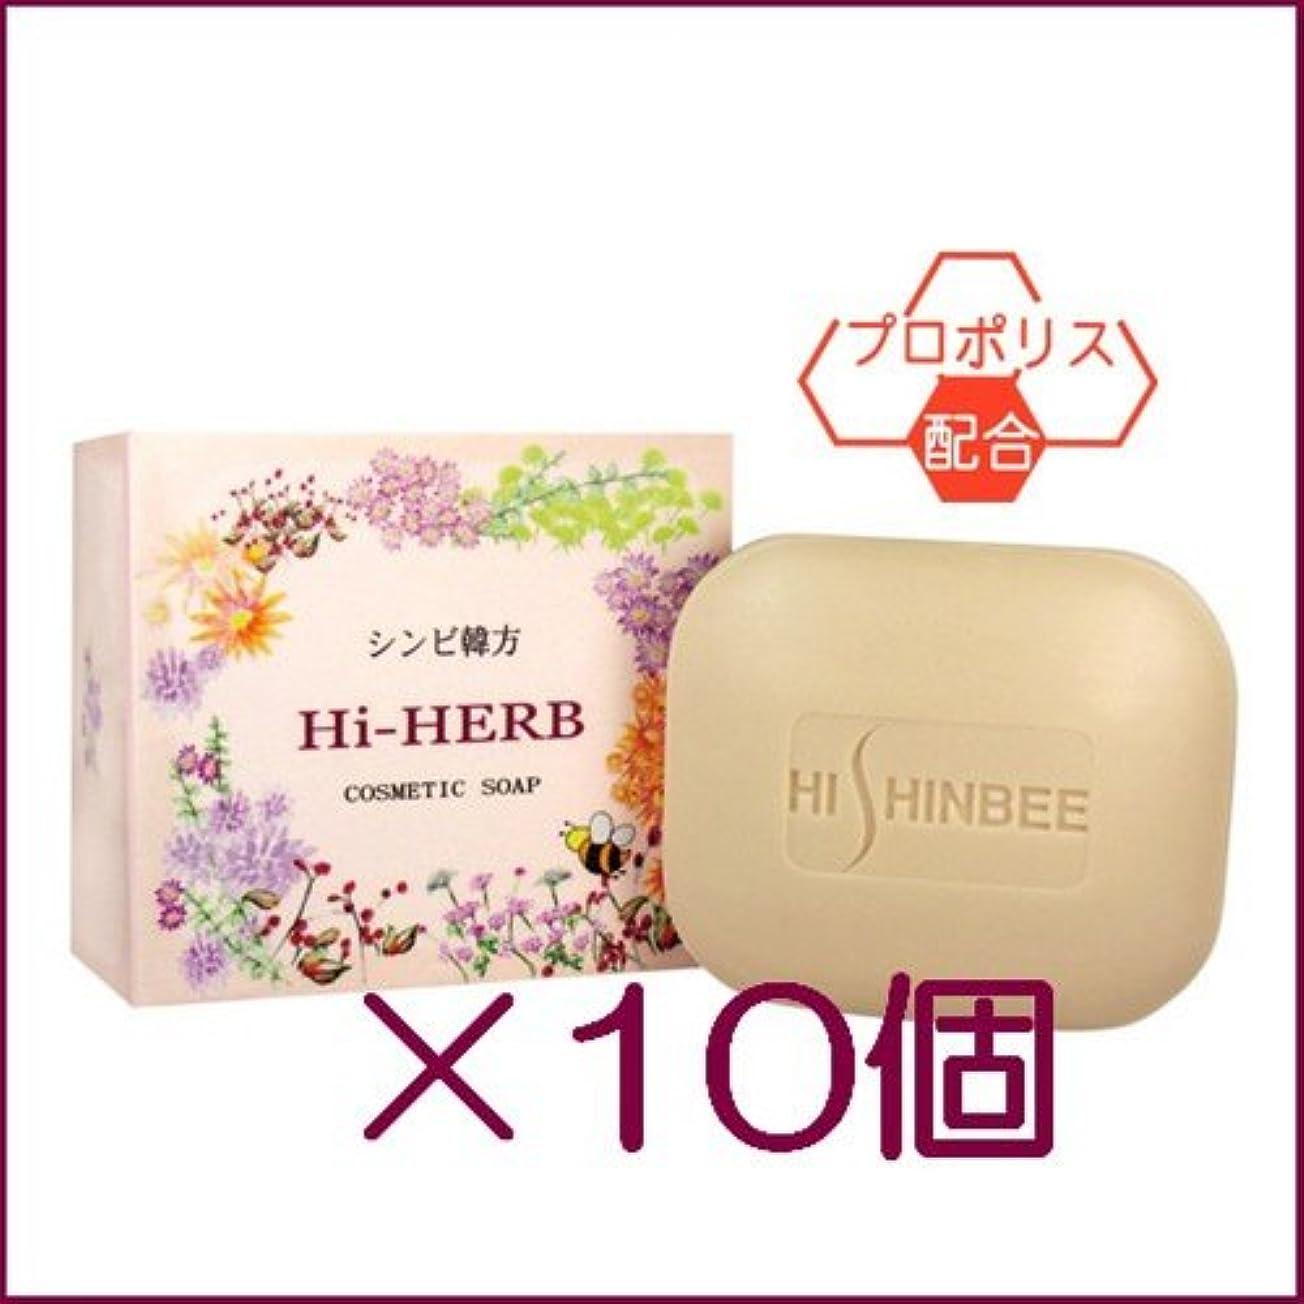 独特の裏切るエクステントシンビ 韓方ハイハーブ石鹸 100g ×10個